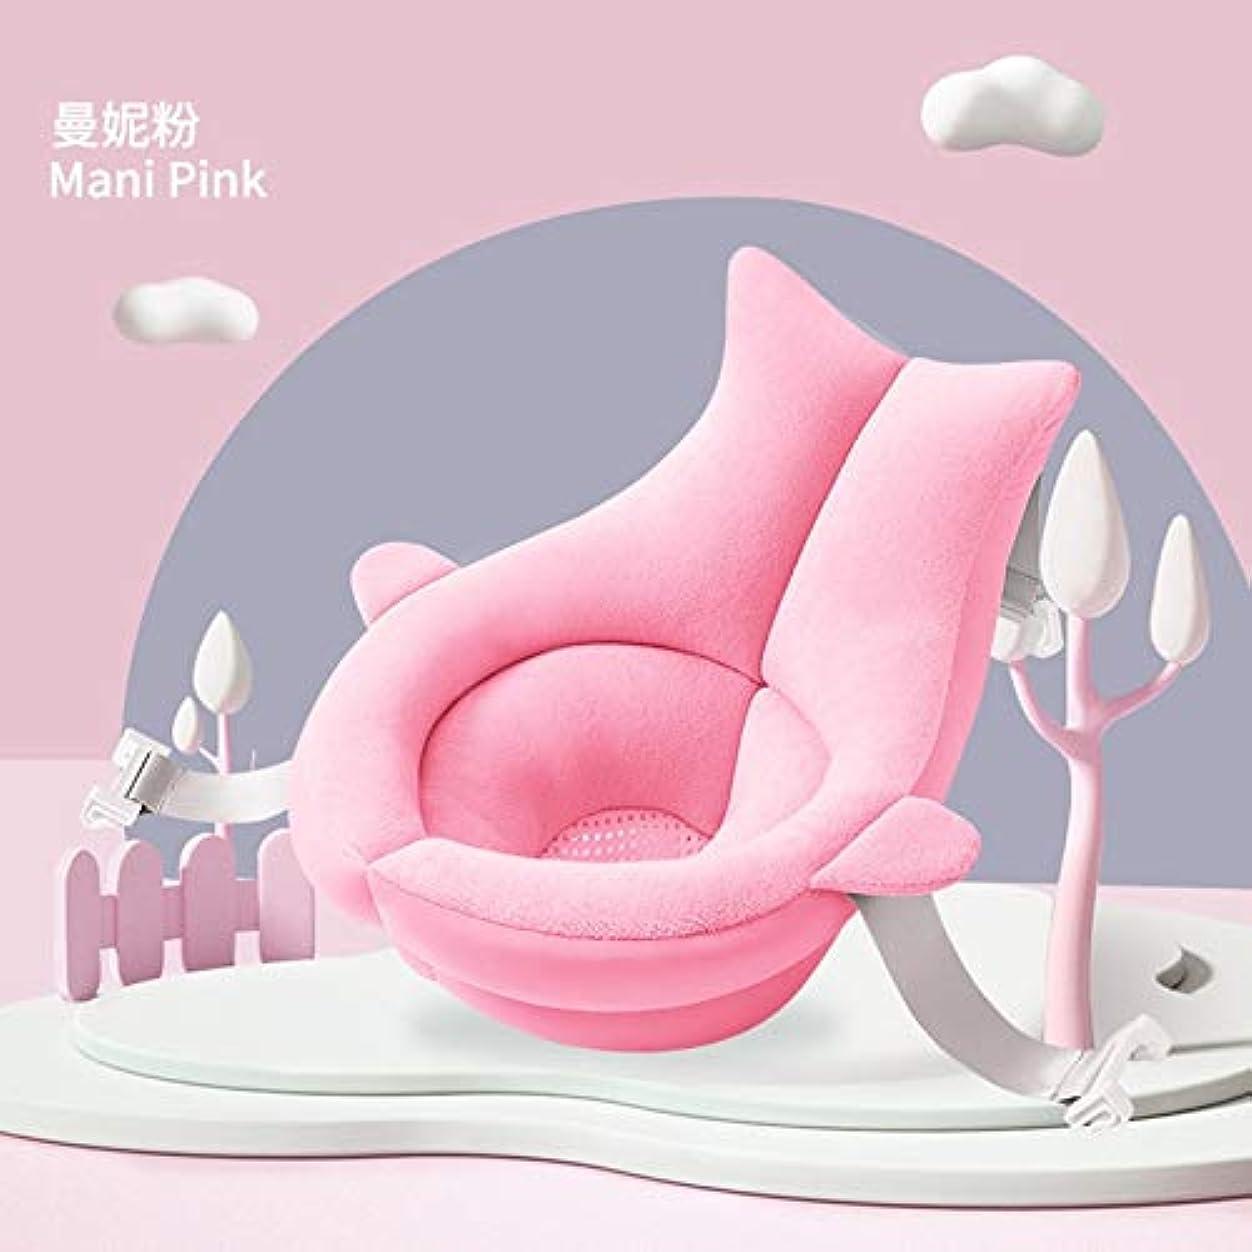 減少減少喪SMART 漫画ポータブル赤ちゃんノンスリップバスタブシャワー浴槽マット新生児安全セキュリティバスエアクッション折りたたみソフト枕シート クッション 椅子